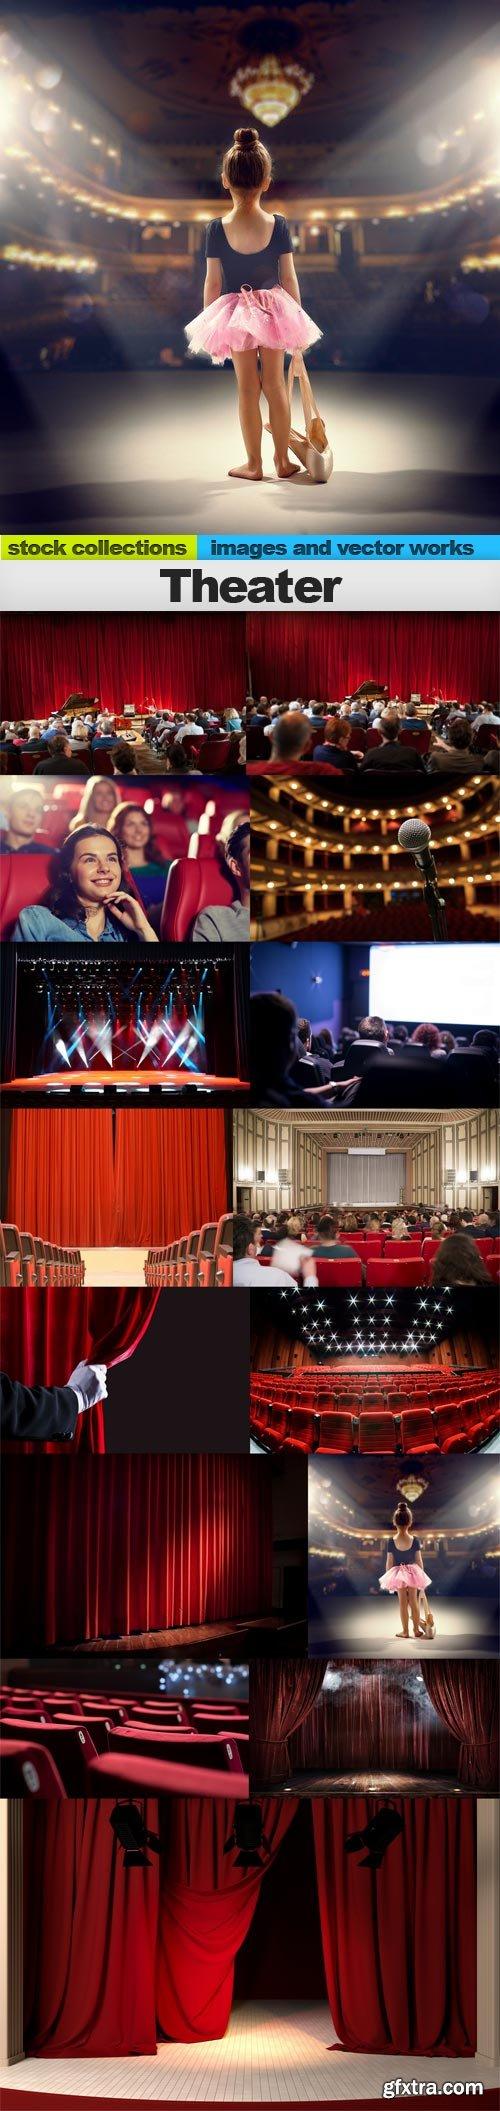 Theater, 15 x UHQ JPEG